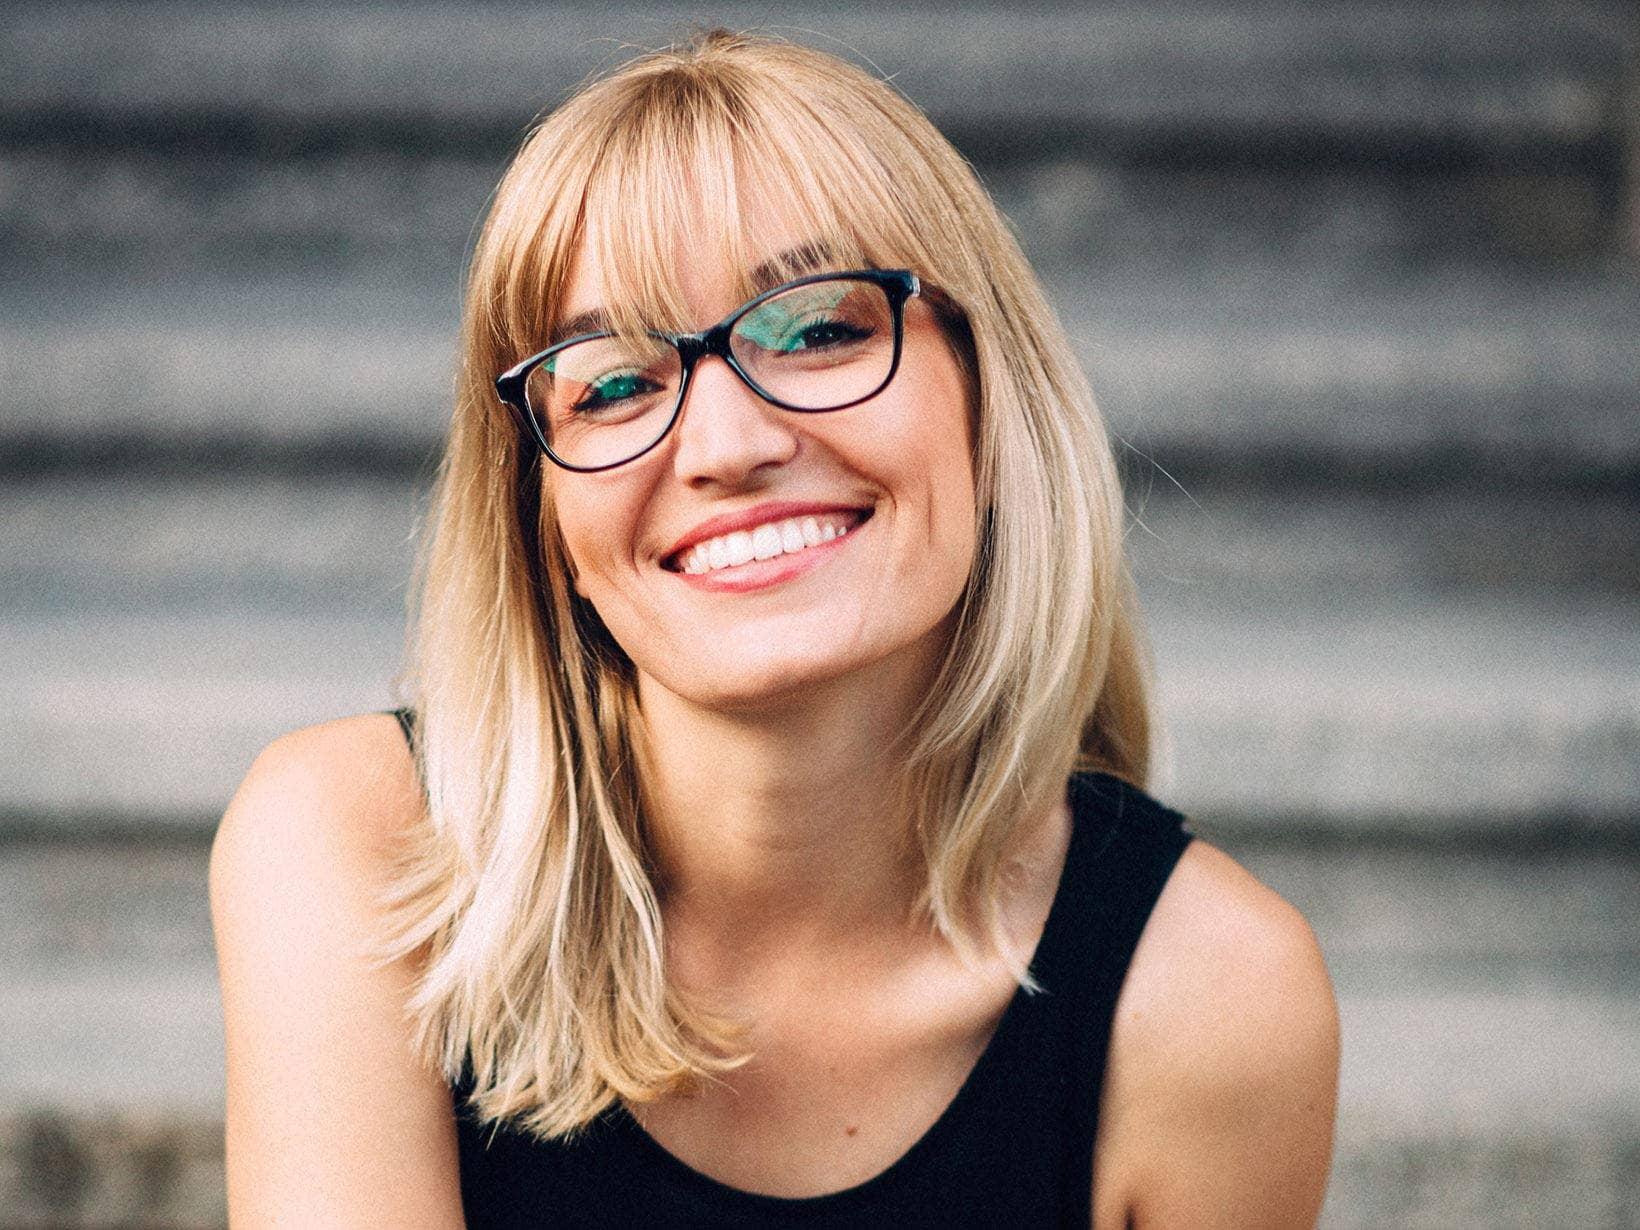 Frisuren mittellang stufig mit brille - Beliebte Frisuren 2020